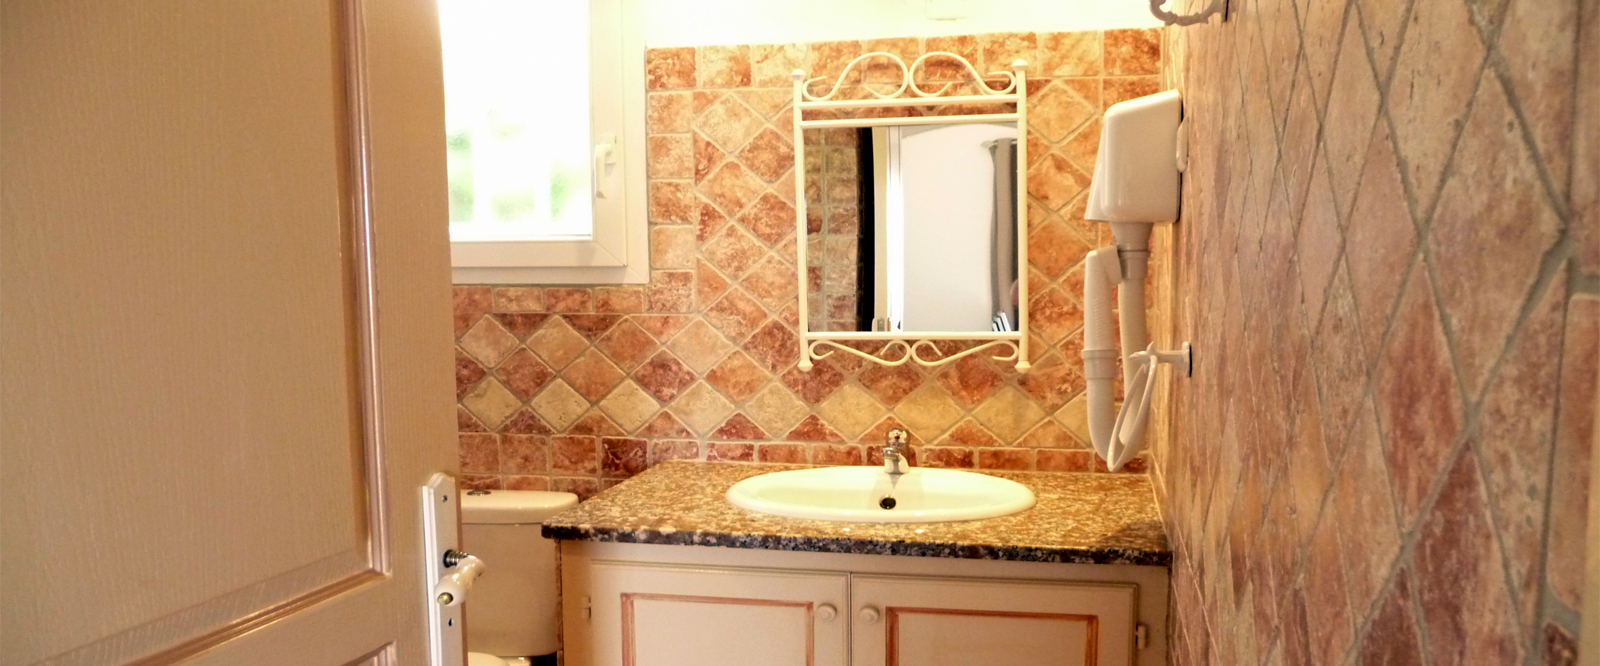 Salle de bain de votre Mini-Villa en Corse près de Porto-Vecchio